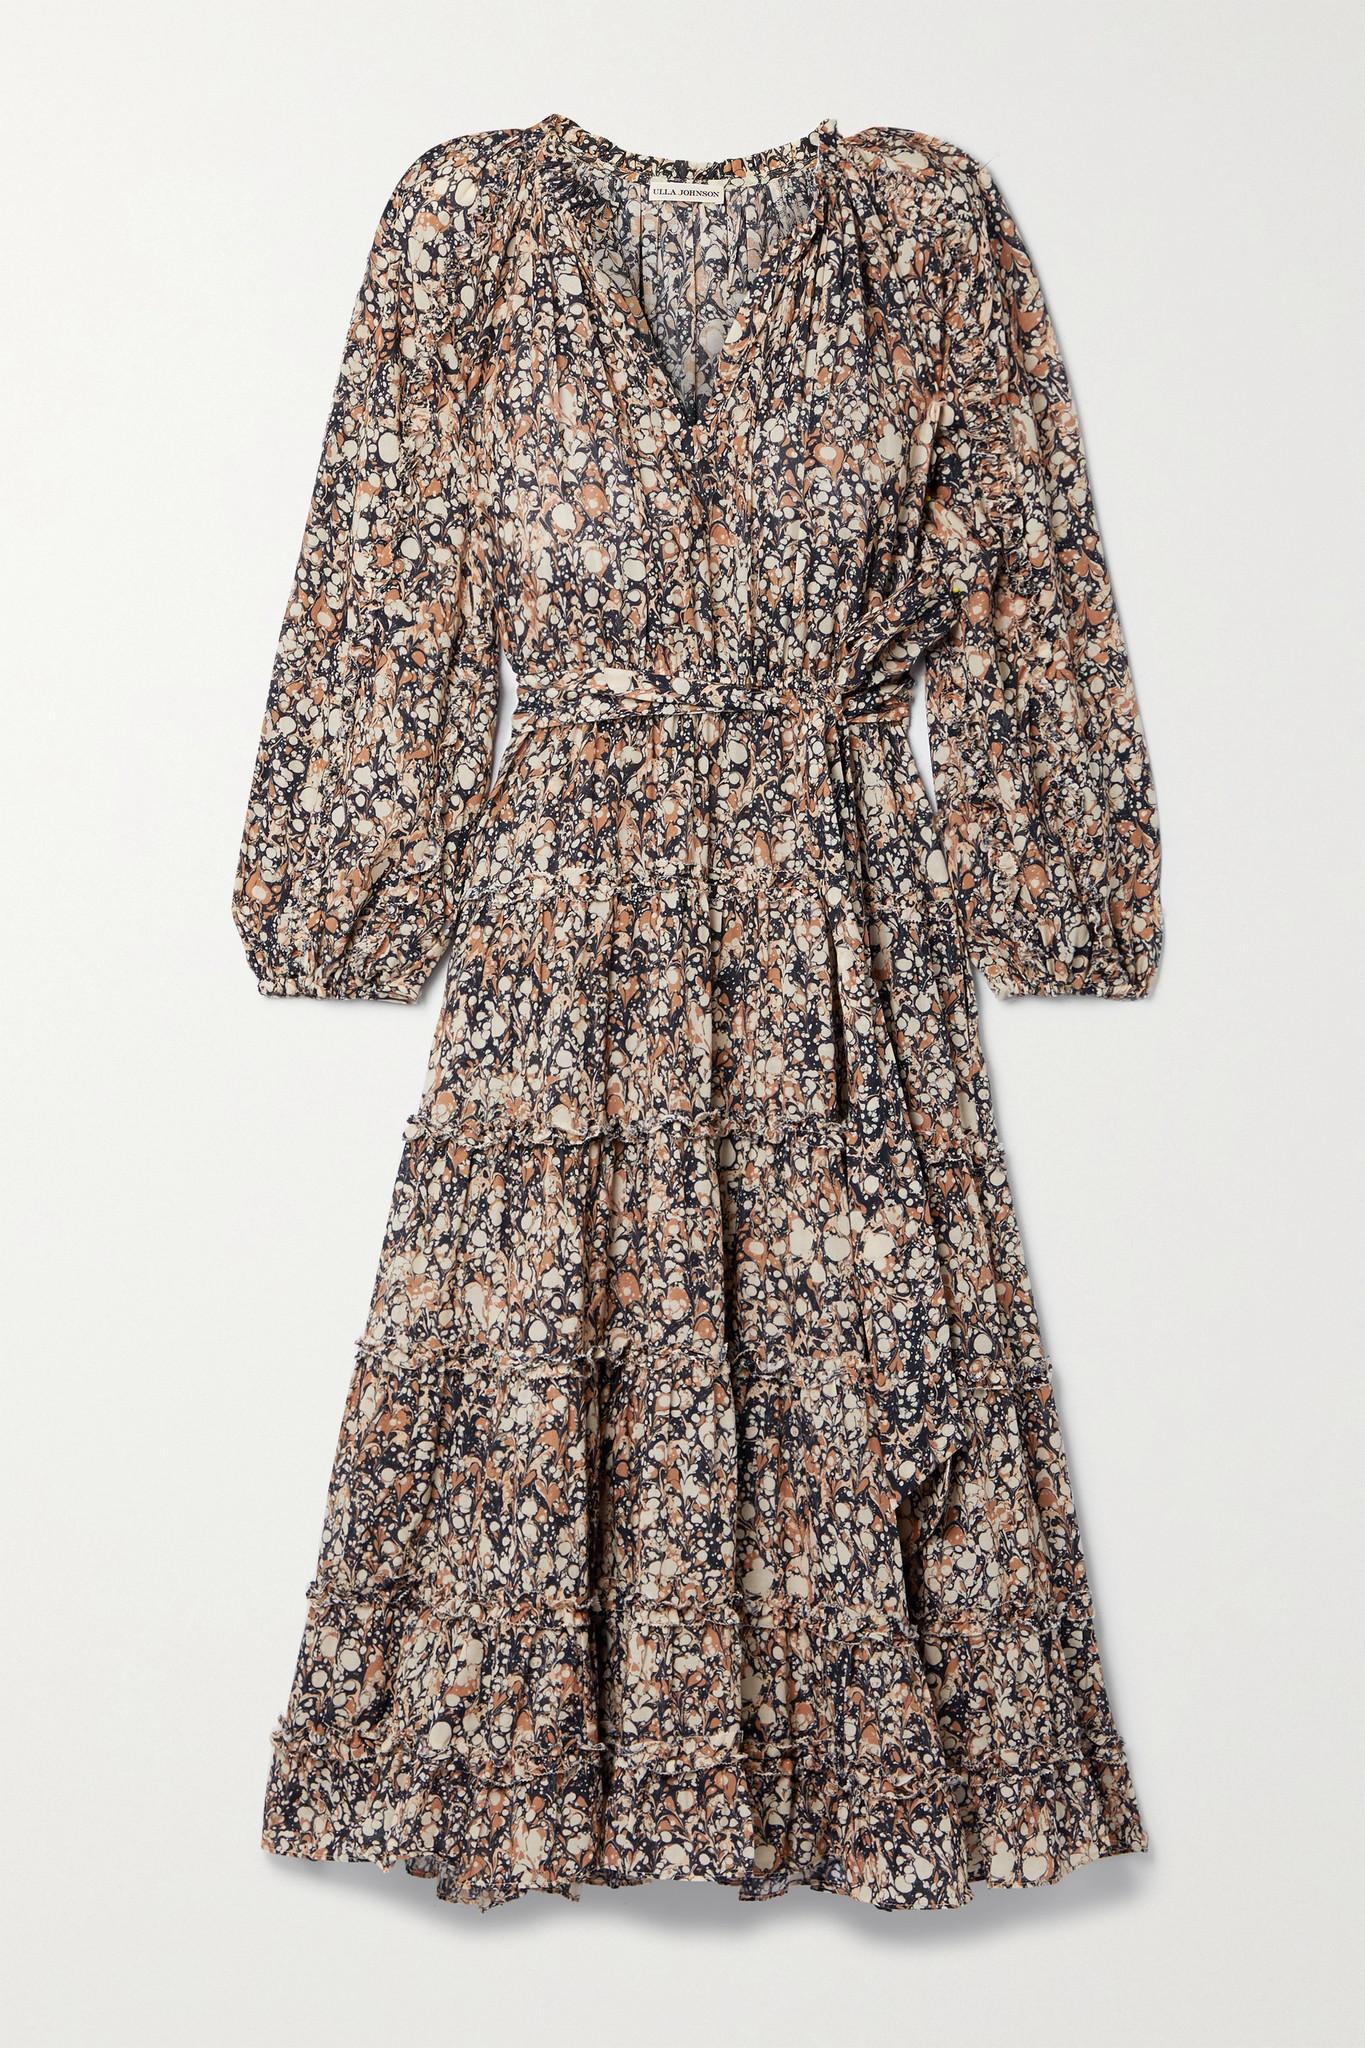 ULLA JOHNSON - Anzu 层接式印花棉质混纺巴里纱中长连衣裙 - 棕色 - US8